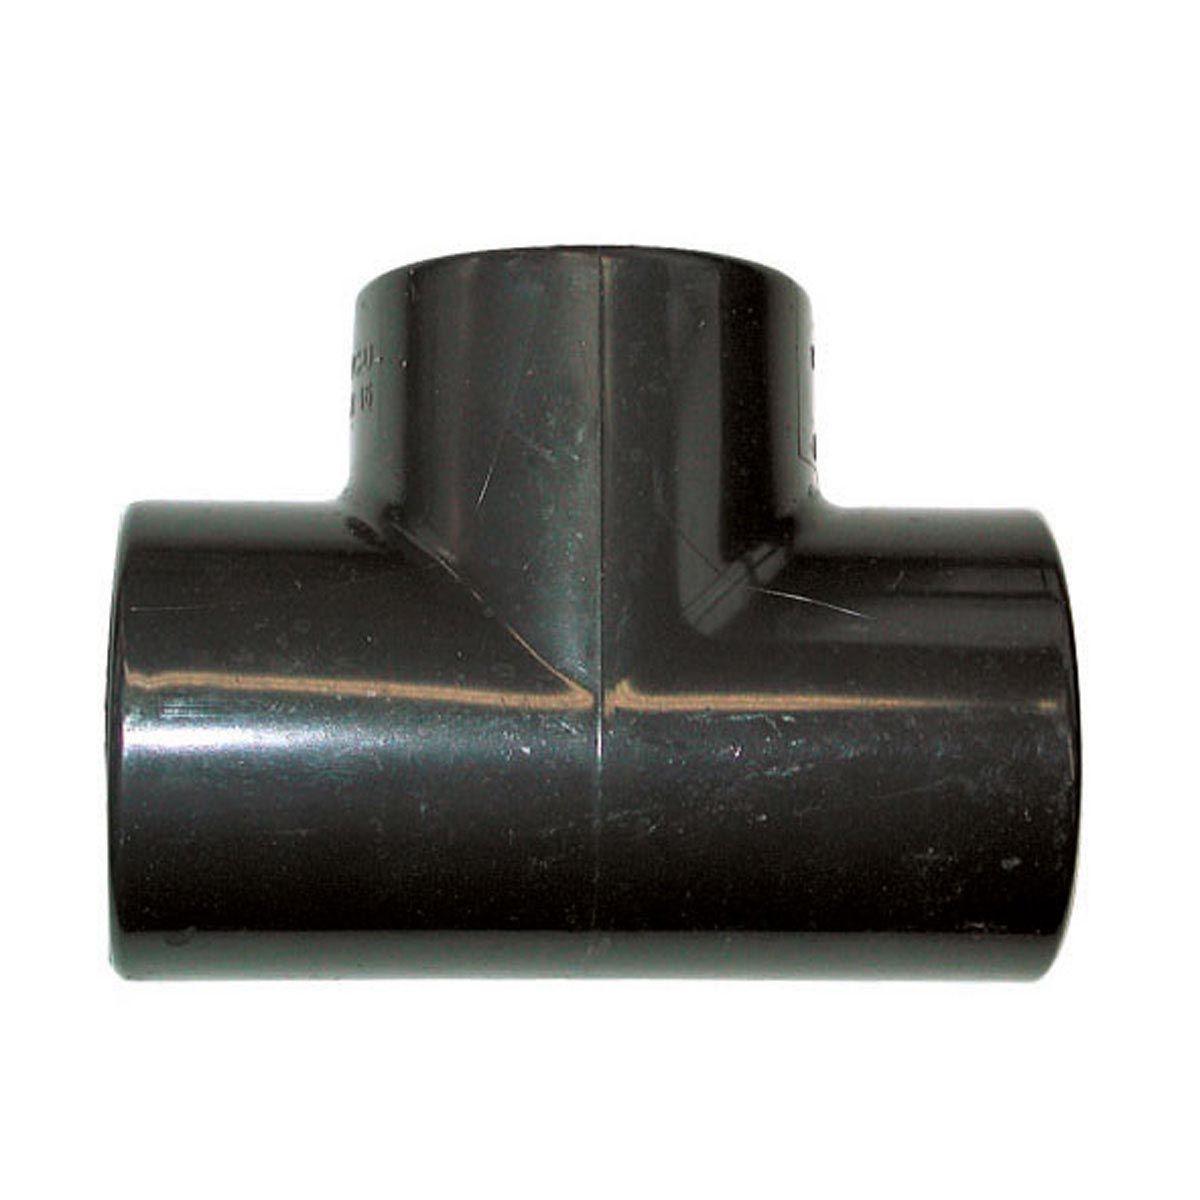 T-Stück 90° zum Kleben, aus PVC, grau, d 16 mm, PN 16